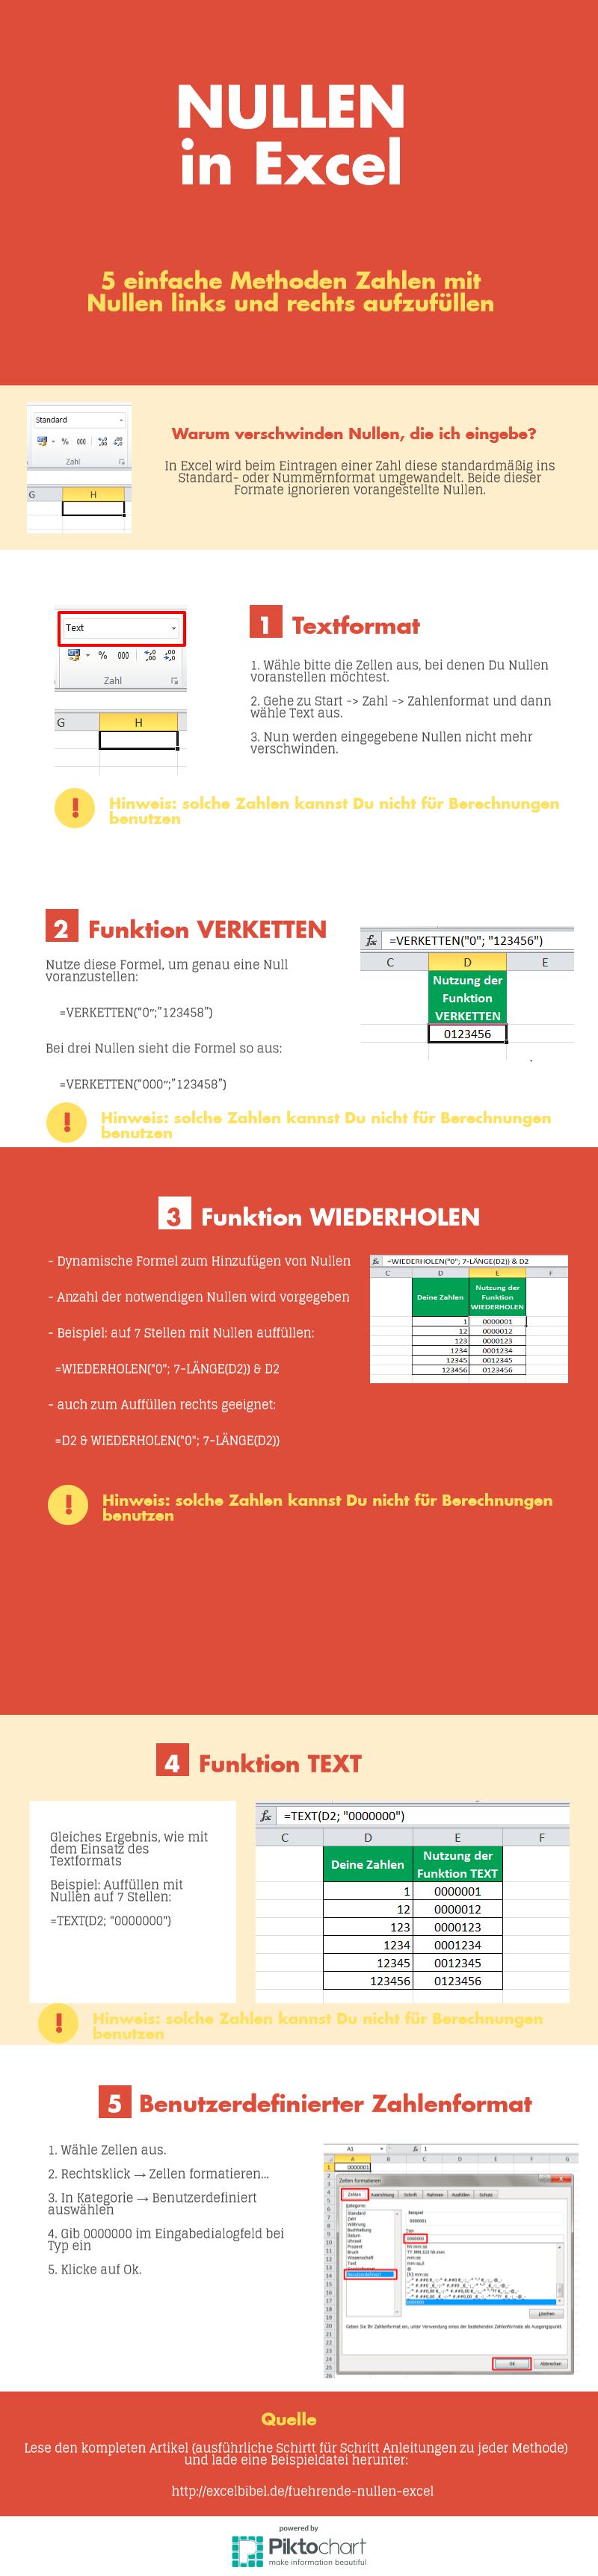 Infografik Nullen in Excel